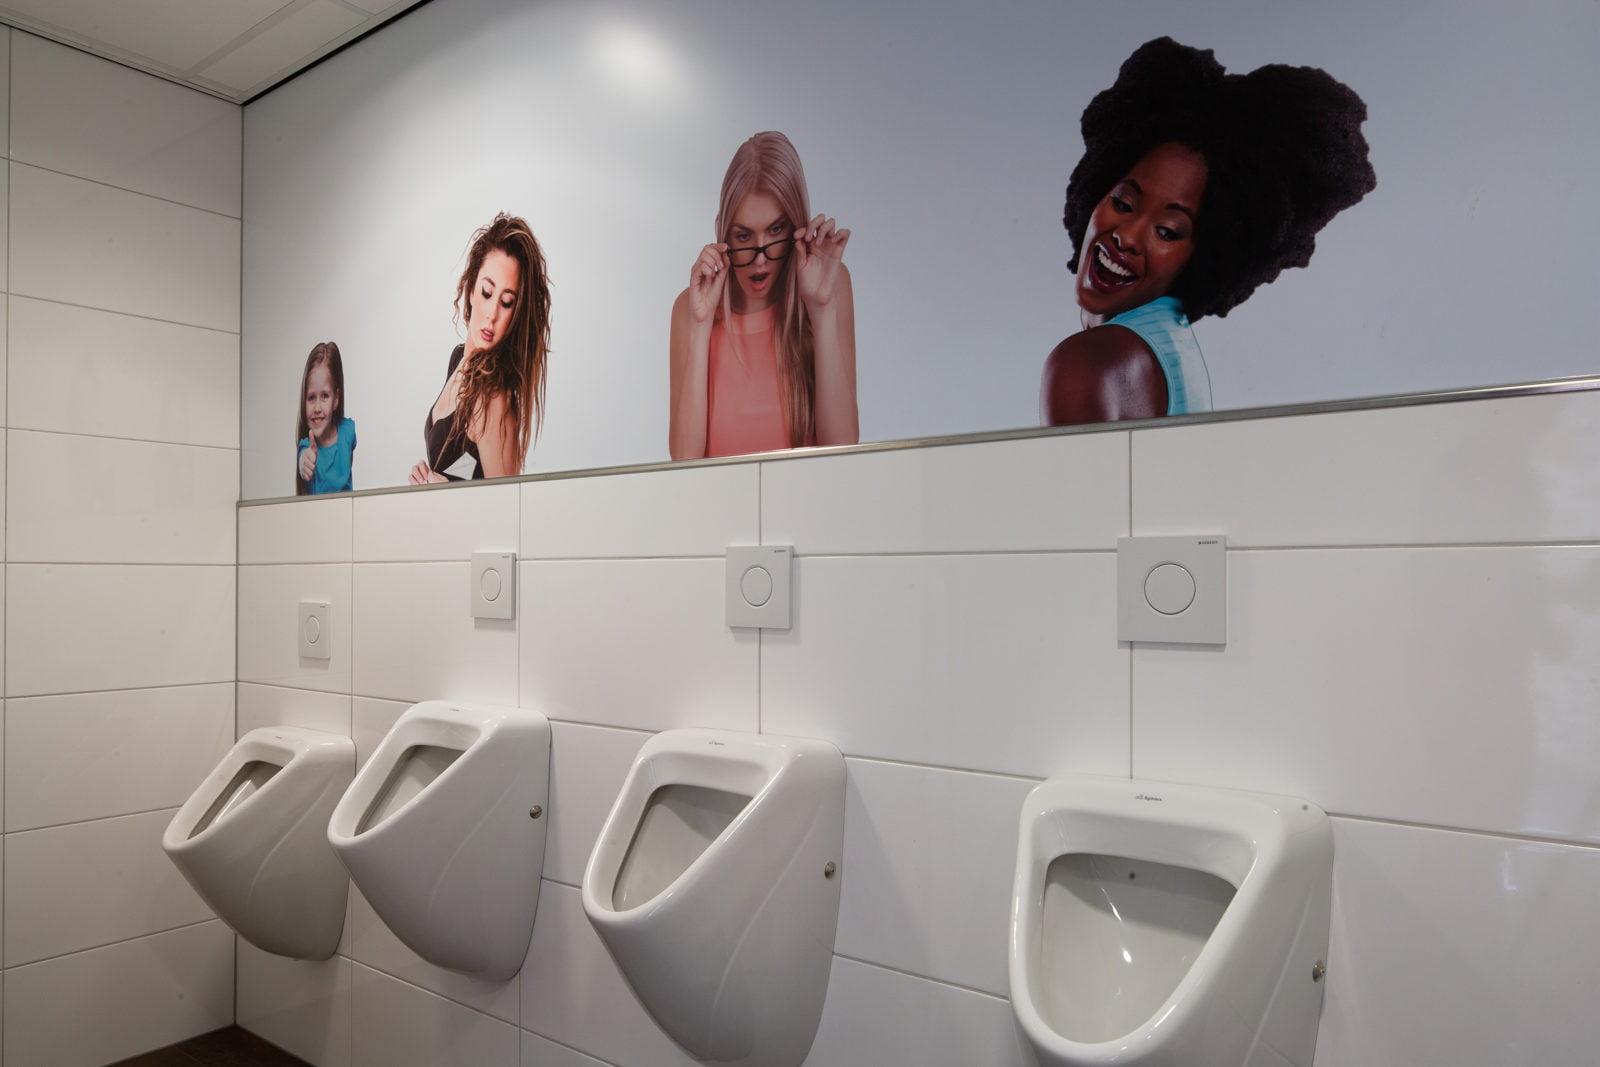 Elckerlyck toilet